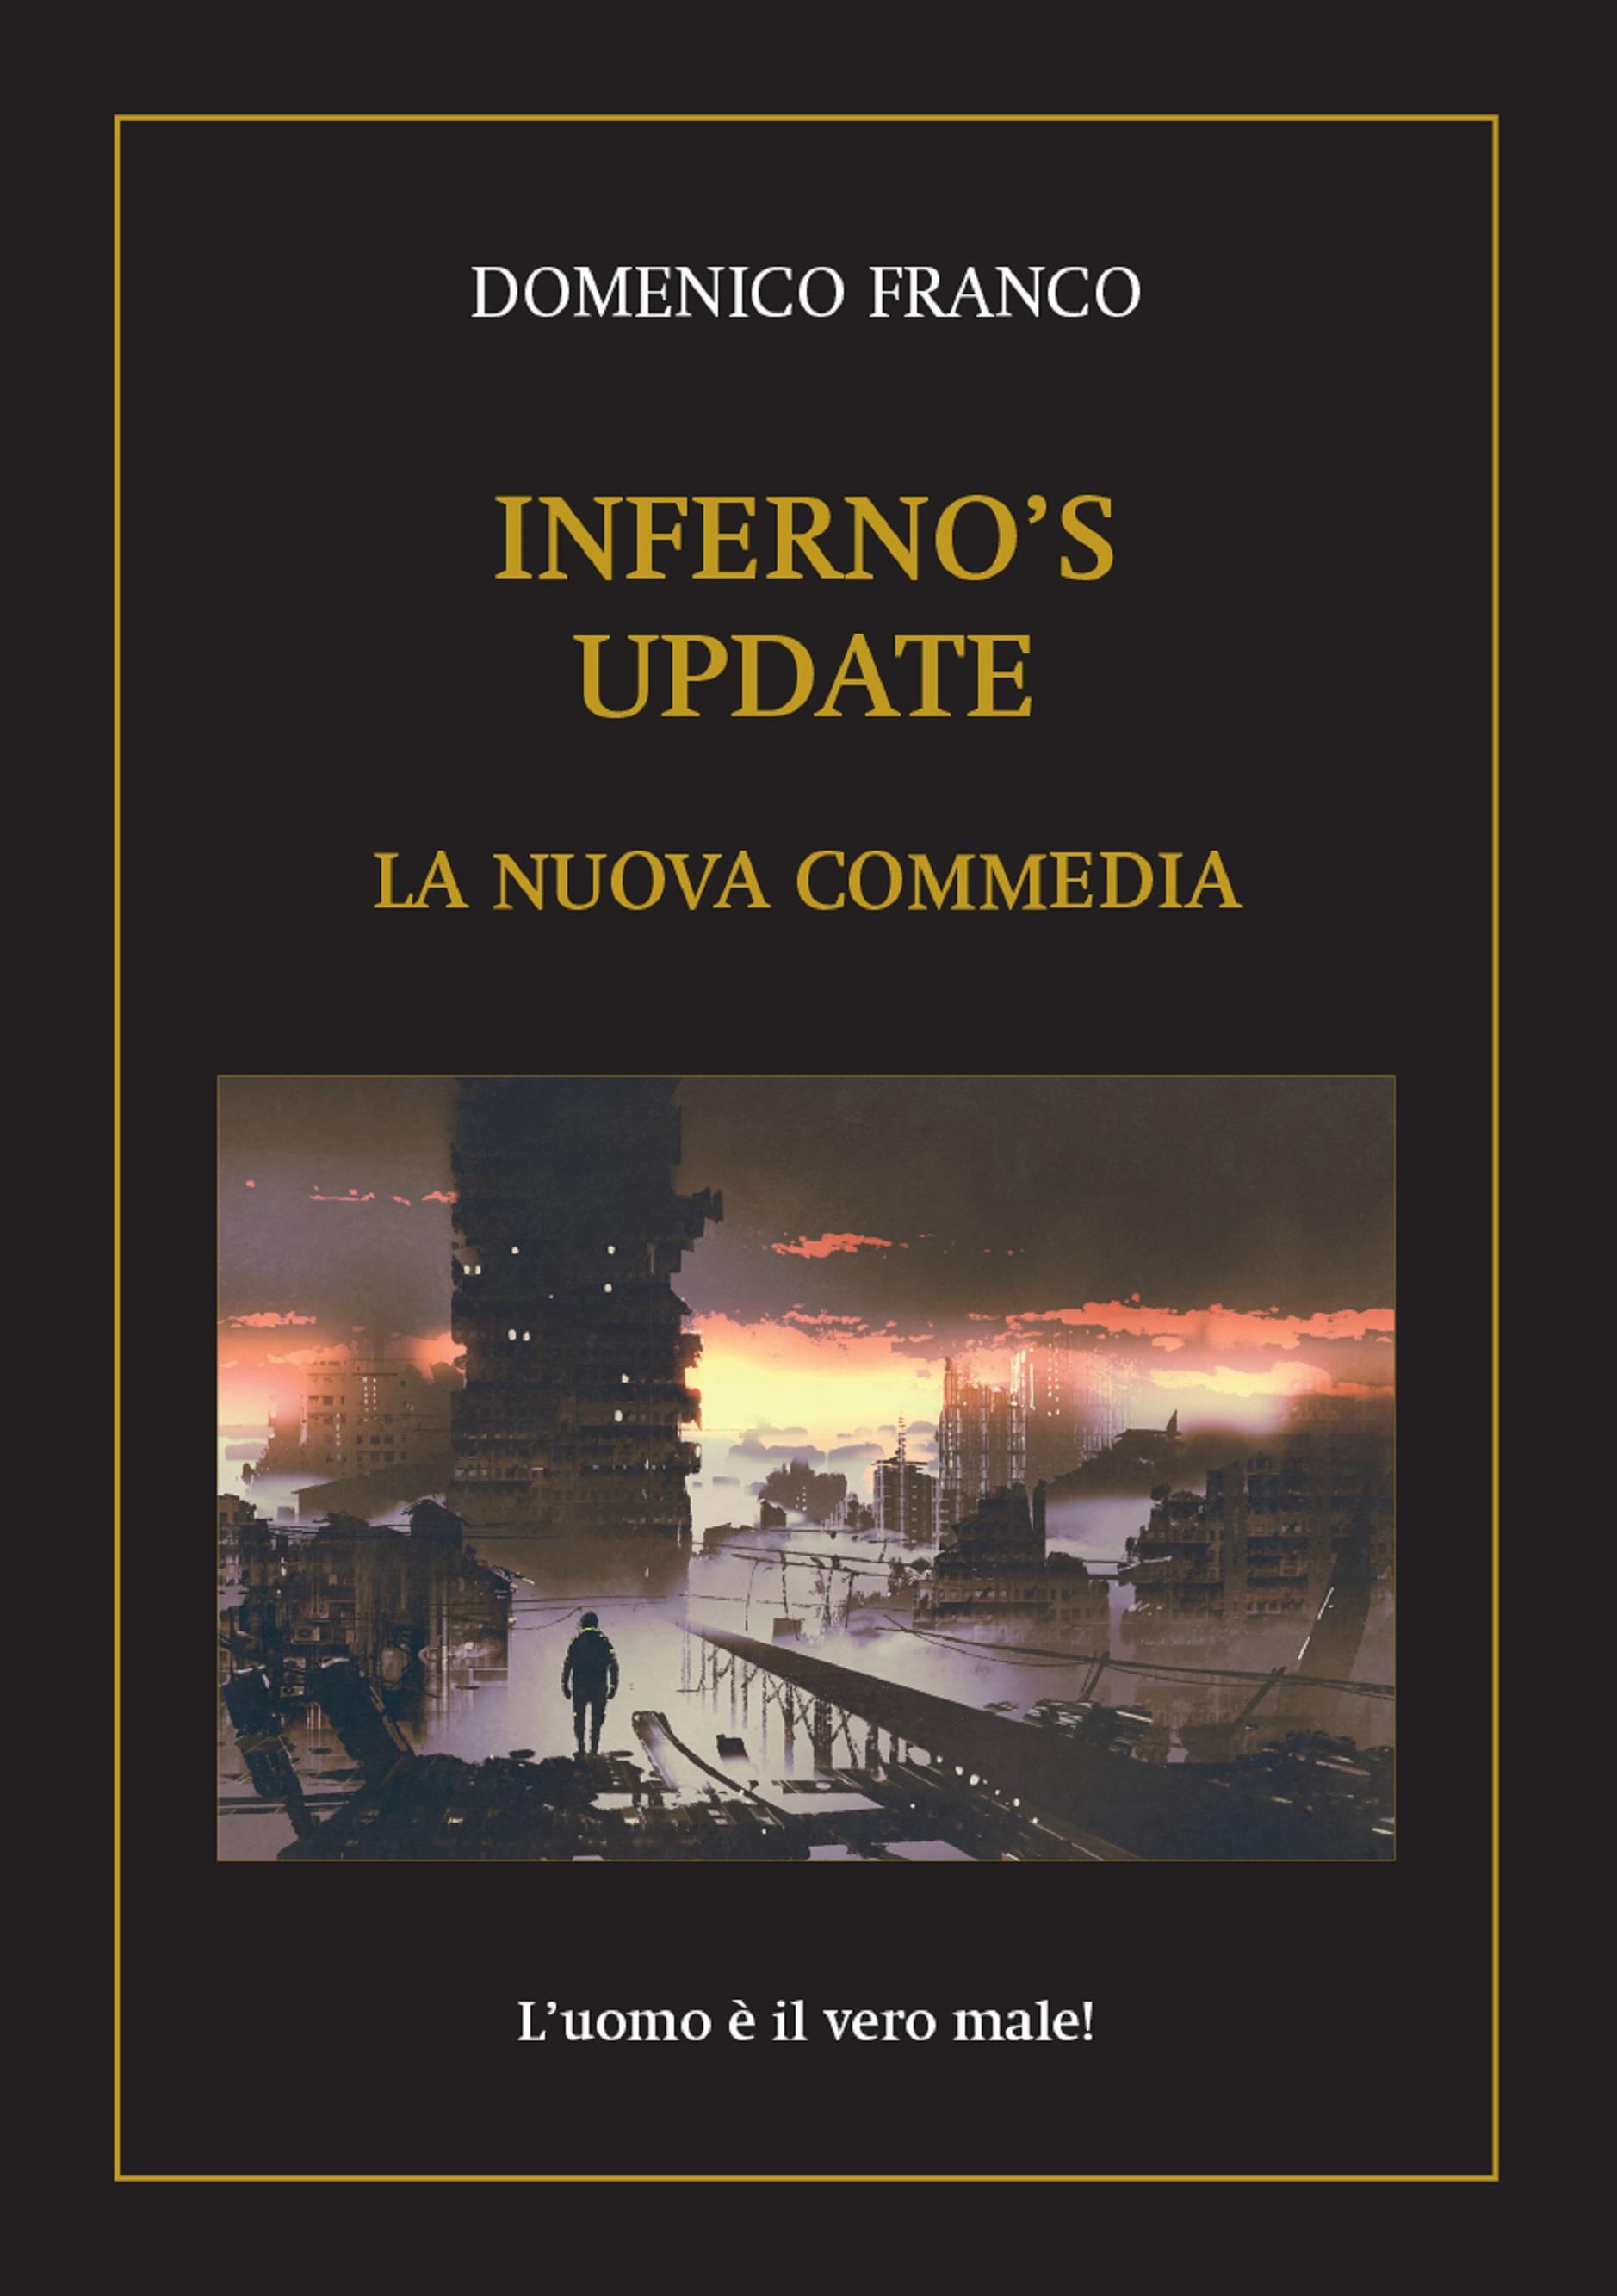 Inferno's Update